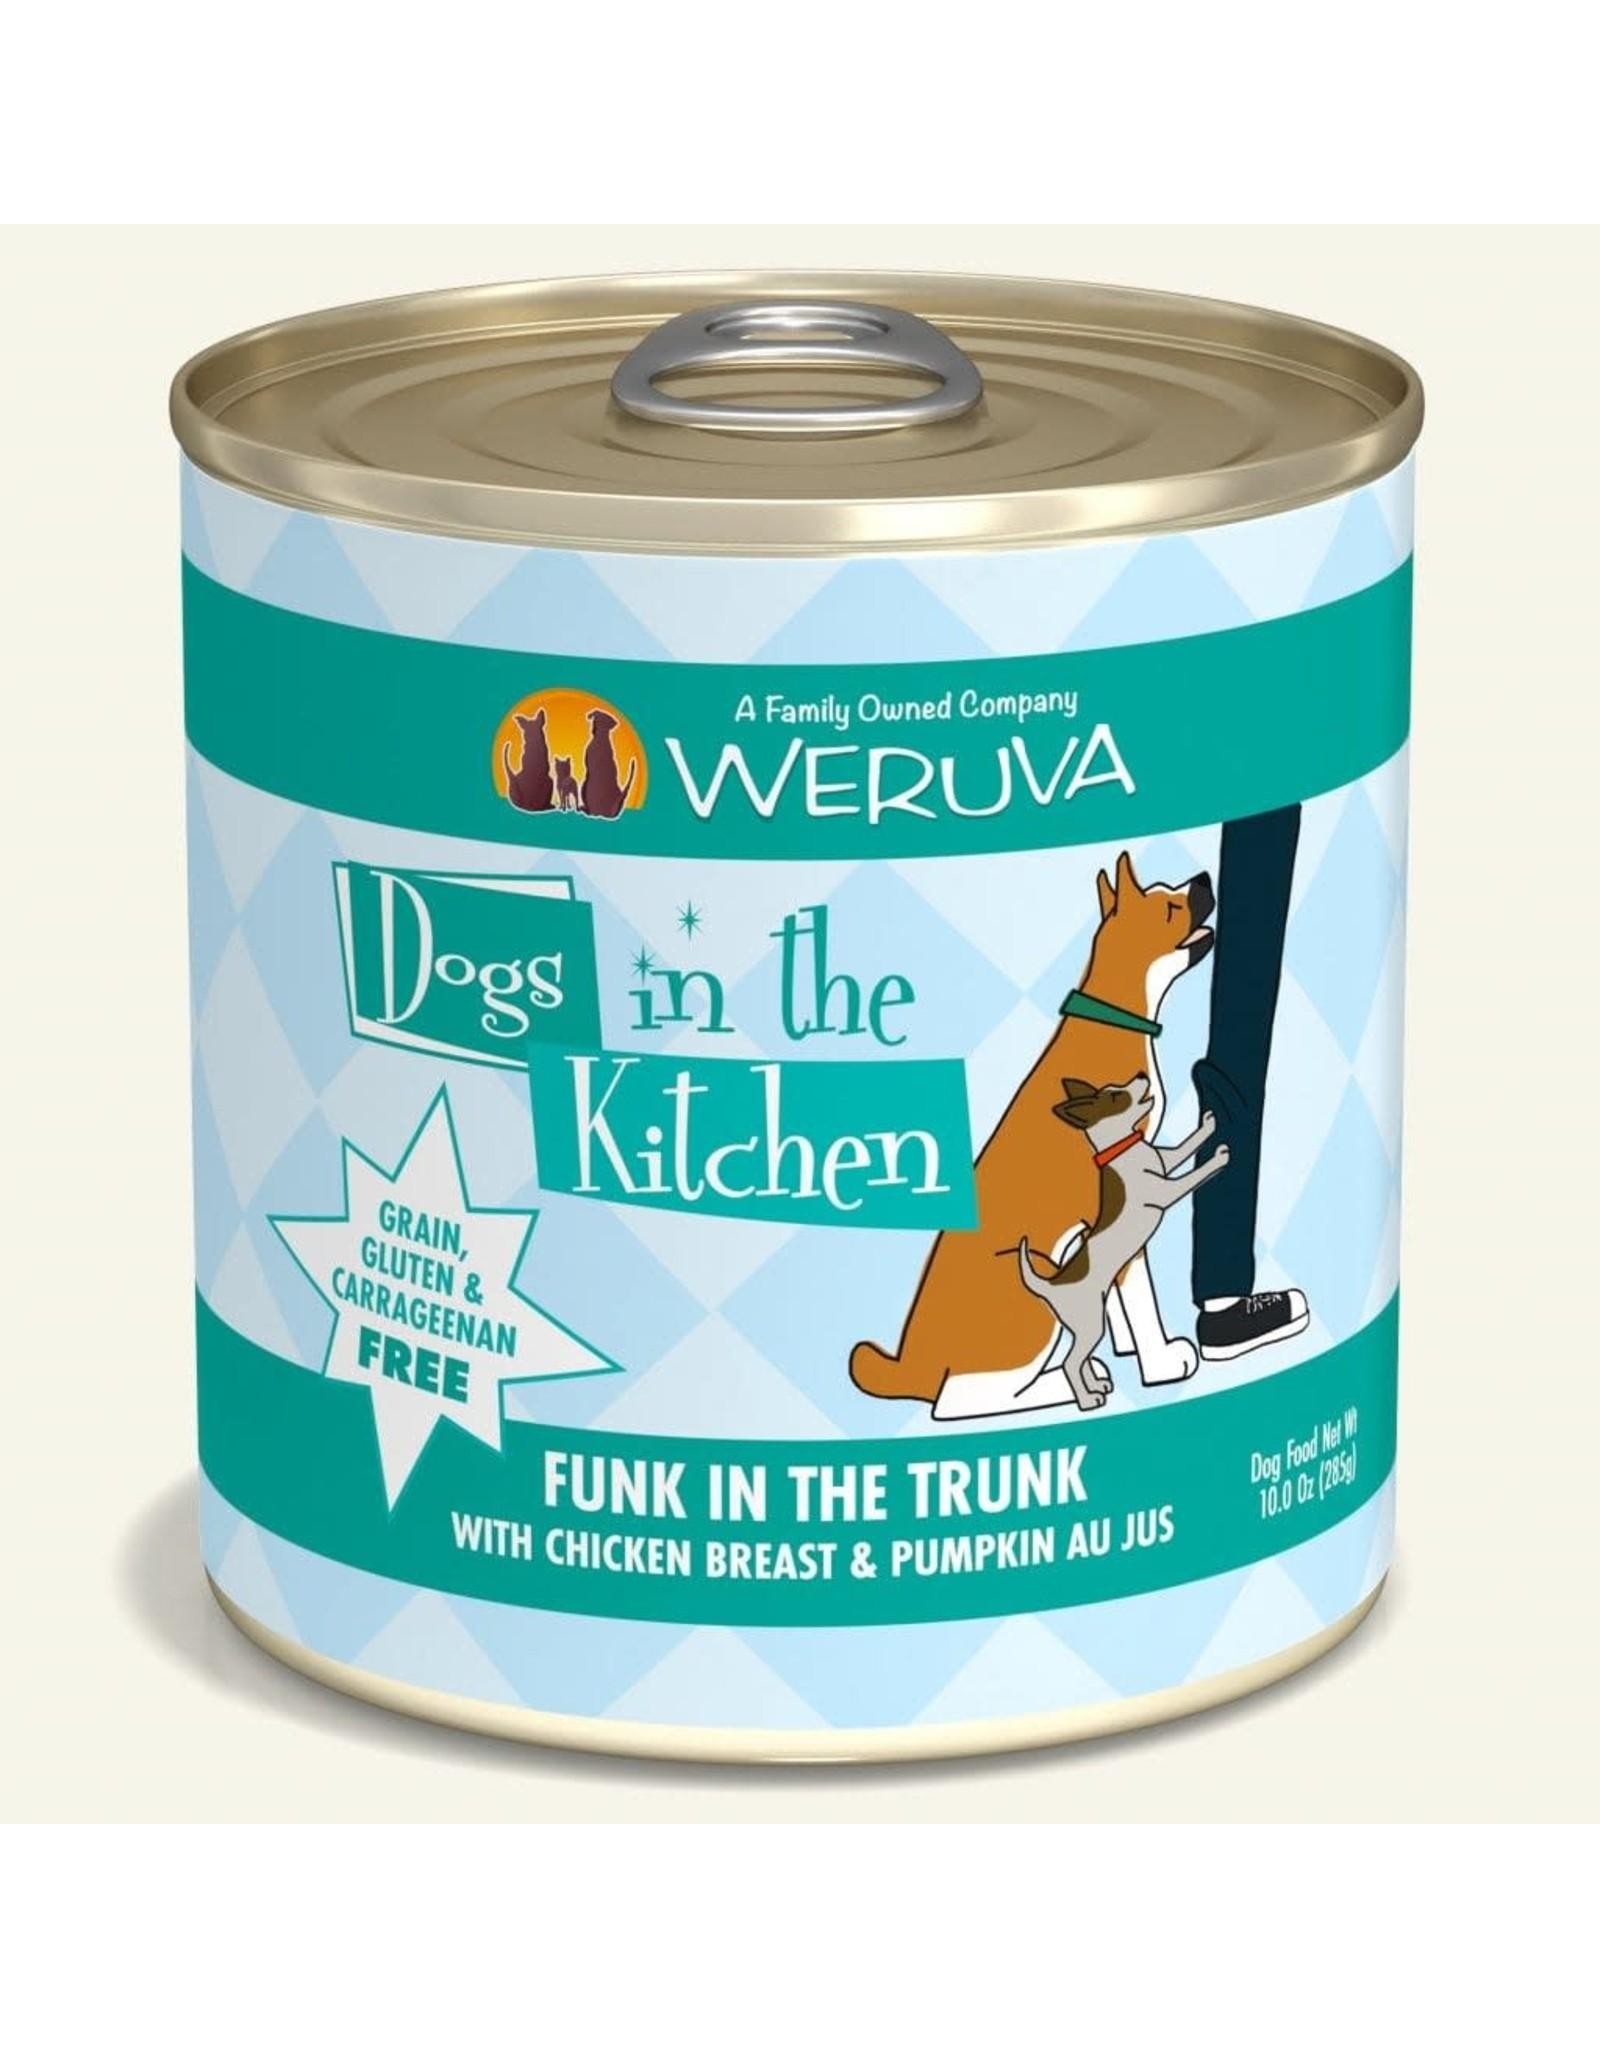 Weruva Weruva Dogs in the Kitchen Funk in the Trunk Chicken & Pumpkin Au Jus Dog Food 10oz